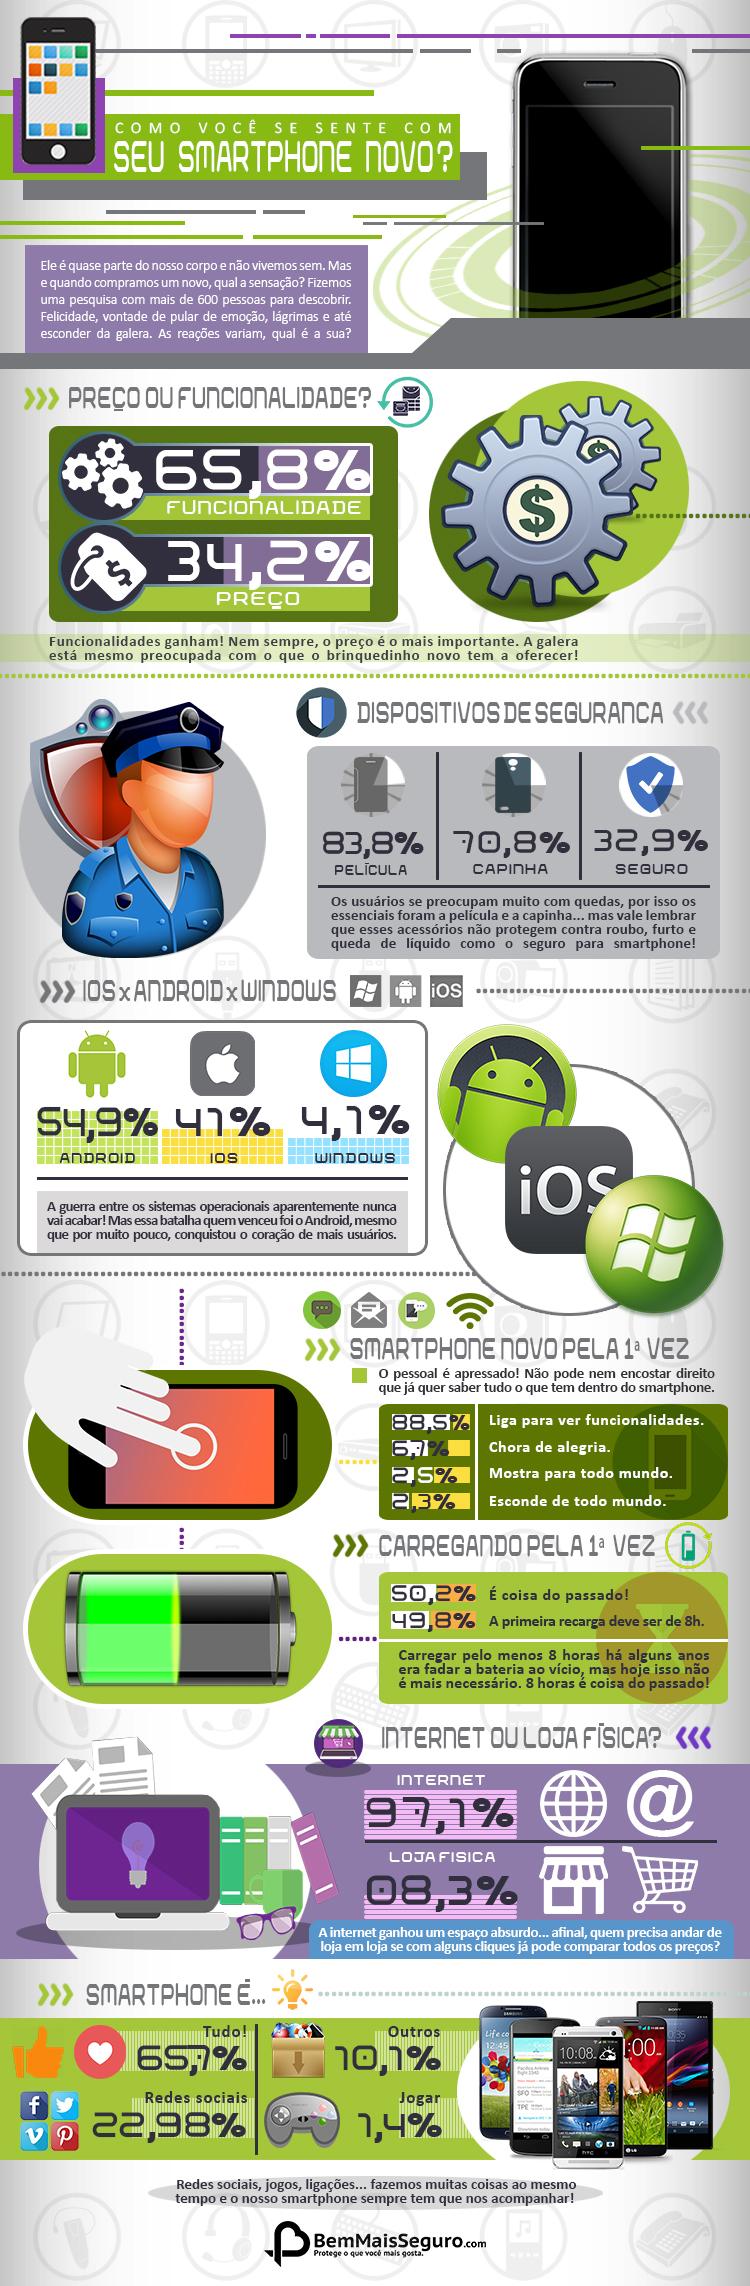 infográfico sobre como as pessoas se sentem com um smartphone novo